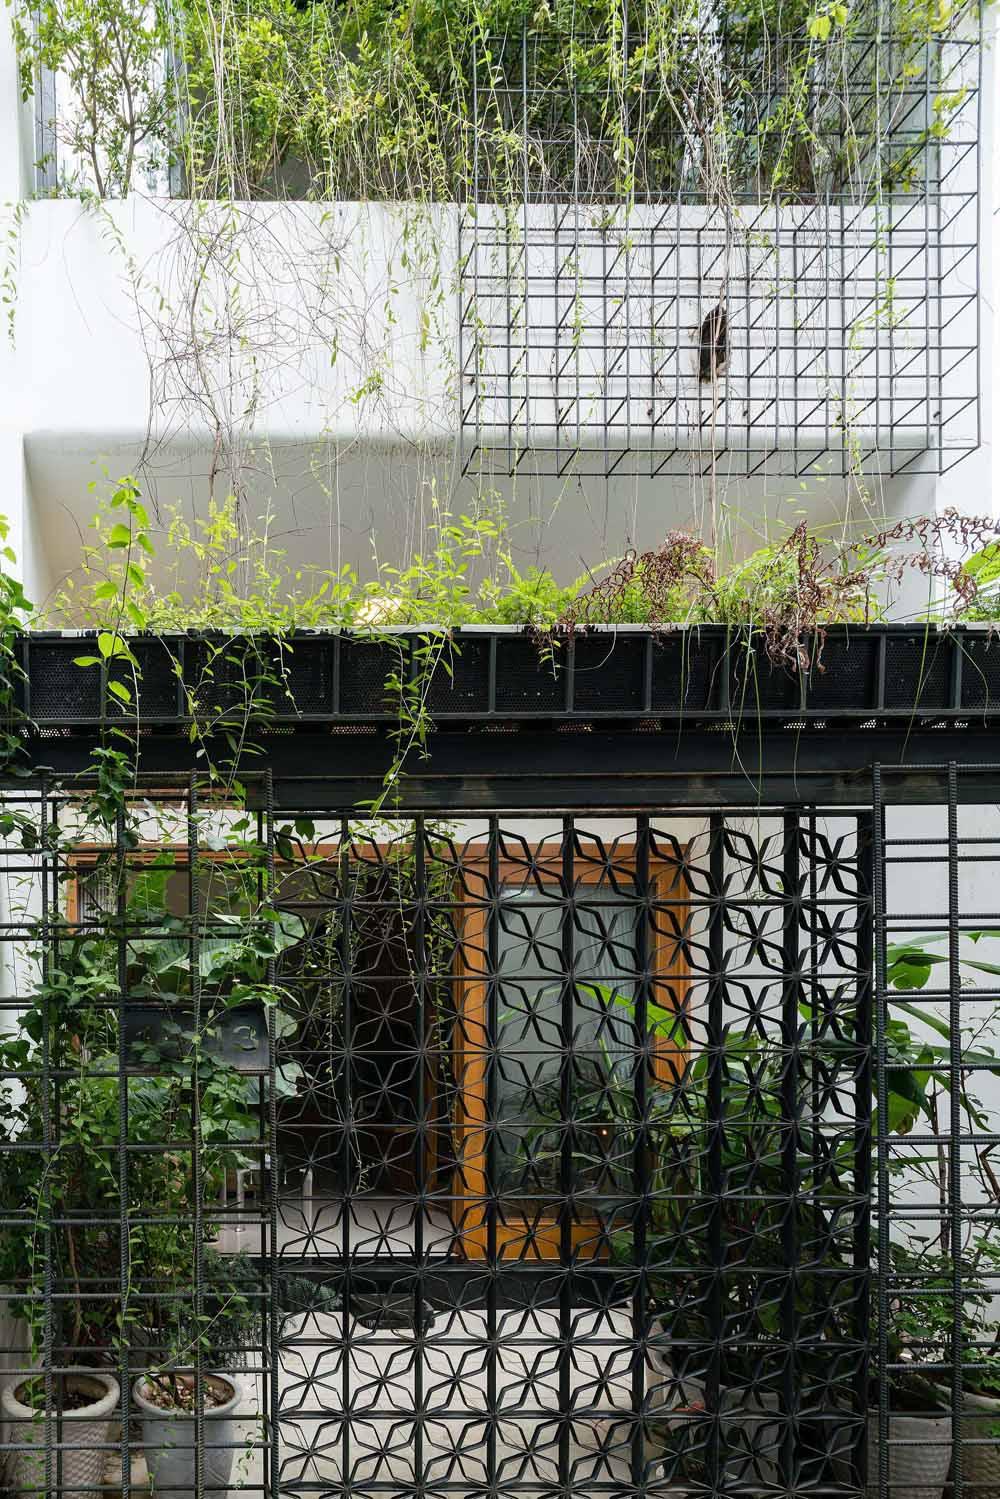 Mảng xanh trước nhà tạo điểm nhấn, làm mát công trình và đảm bảo sự riêng tư.